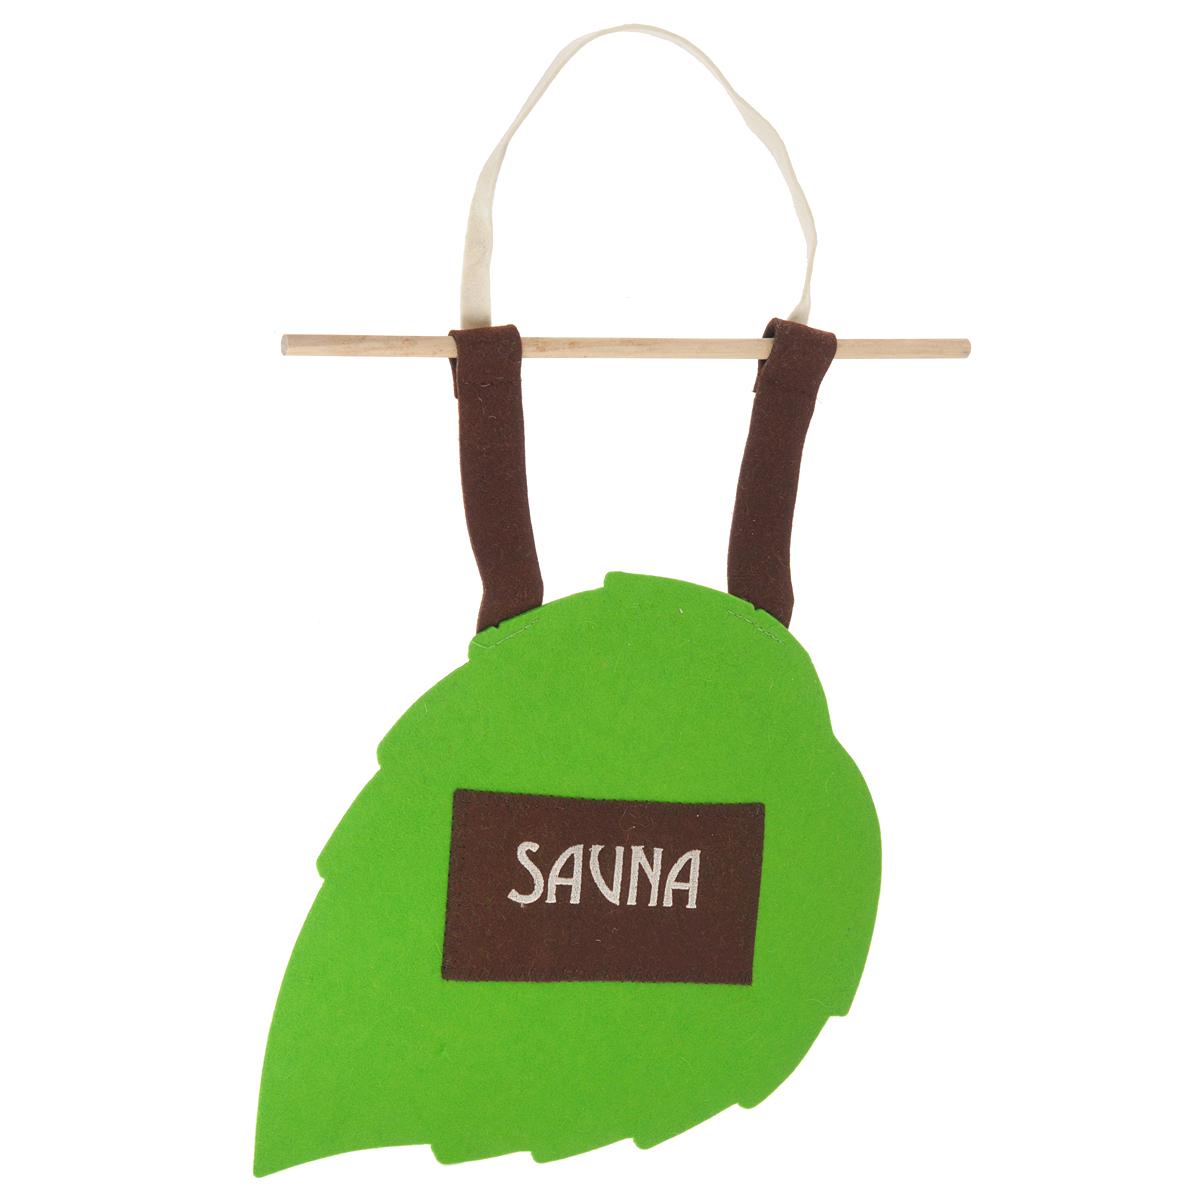 """Оригинальная табличка в виде листочка, с надписью """"Сауна"""" сообщит всем входящим, что данное помещение является сауной. Табличка может крепиться к двери или к стене.  Такая табличка в сочетании с оригинальным дизайном и хорошим качеством послужит оригинальным и приятным сувениром. Размер таблички: 30 см х 28 см х 0,3 см. Ширина деревянного держателя: 34 см."""